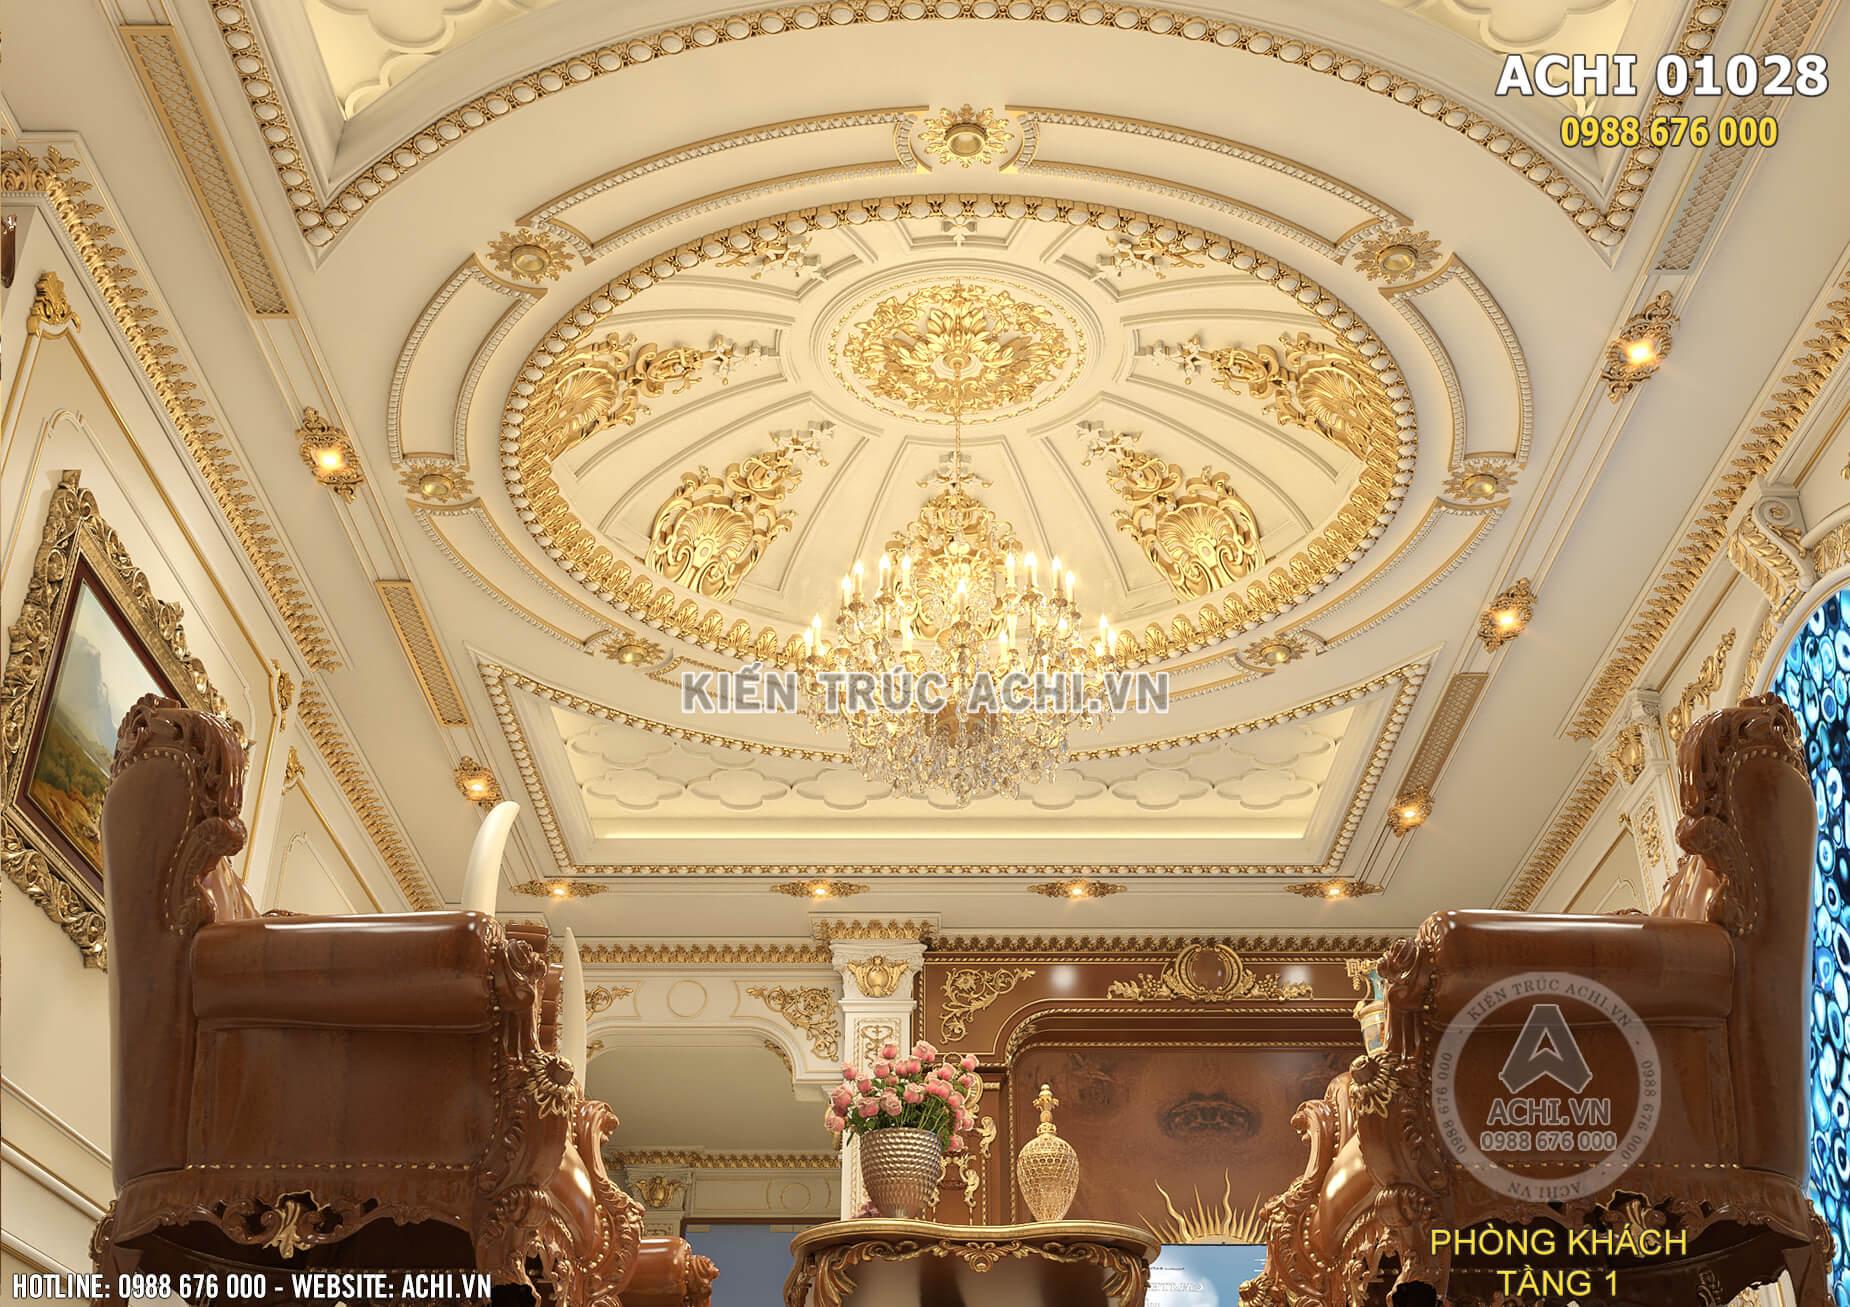 Trần thạch cao của không gian phòng khách được thiết kế tỉ mỉ và chi tiết